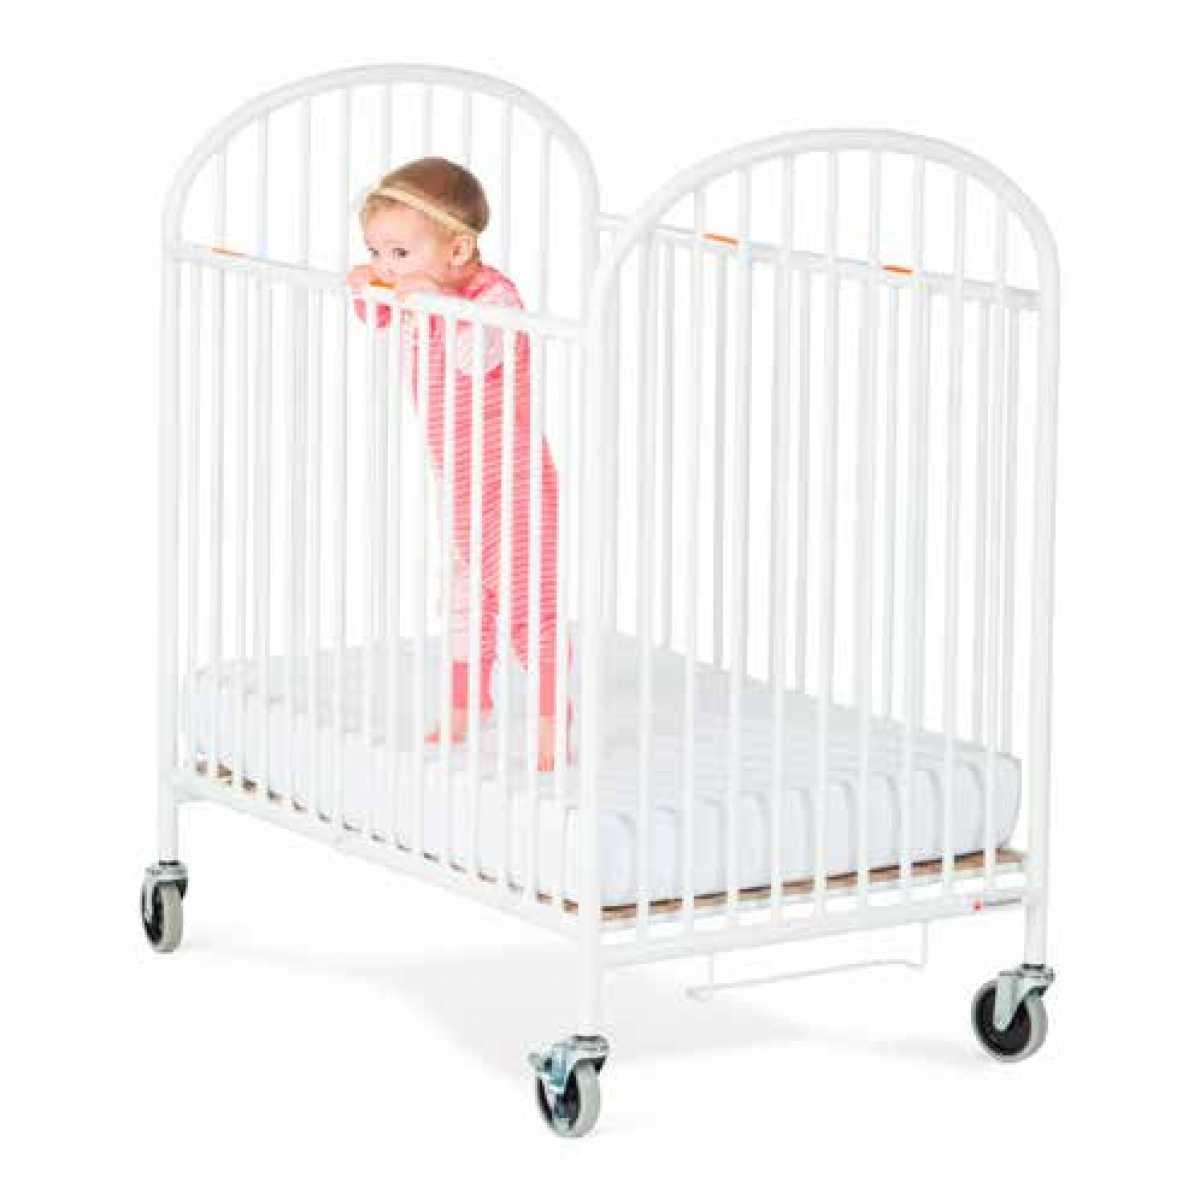 FOUNDATIONS Pinnacle Katlanır Bebek Yatağı, Çelik